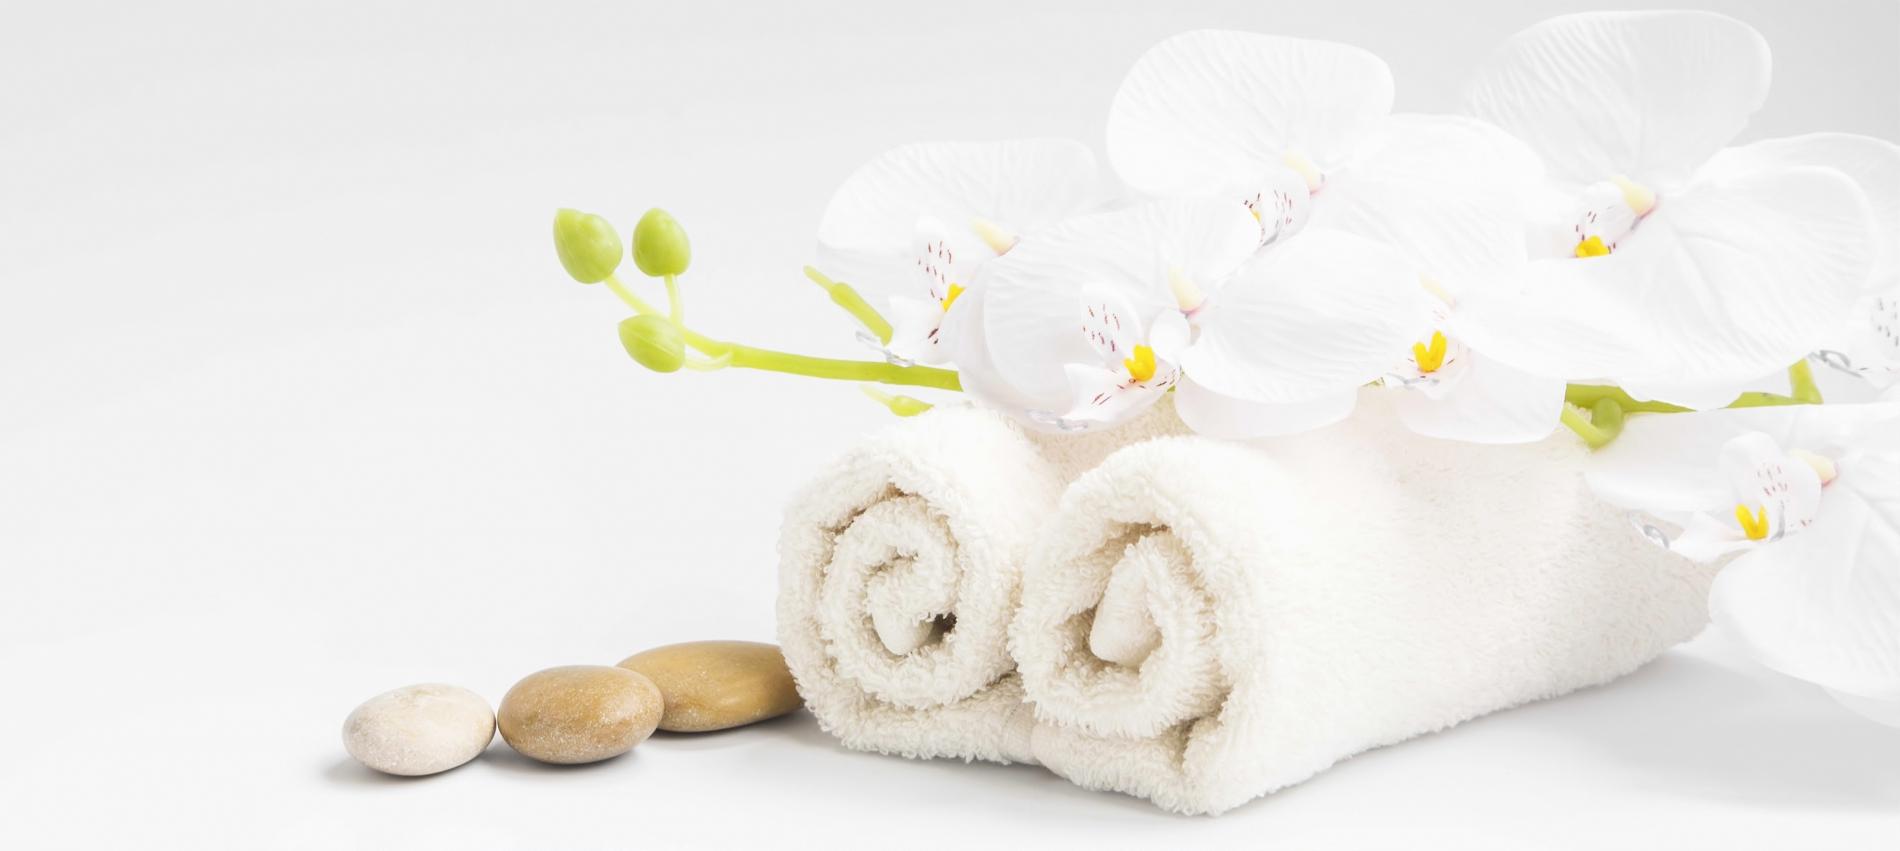 vierh ndige massage von 2 therapeuten bei entspanntes berlin. Black Bedroom Furniture Sets. Home Design Ideas